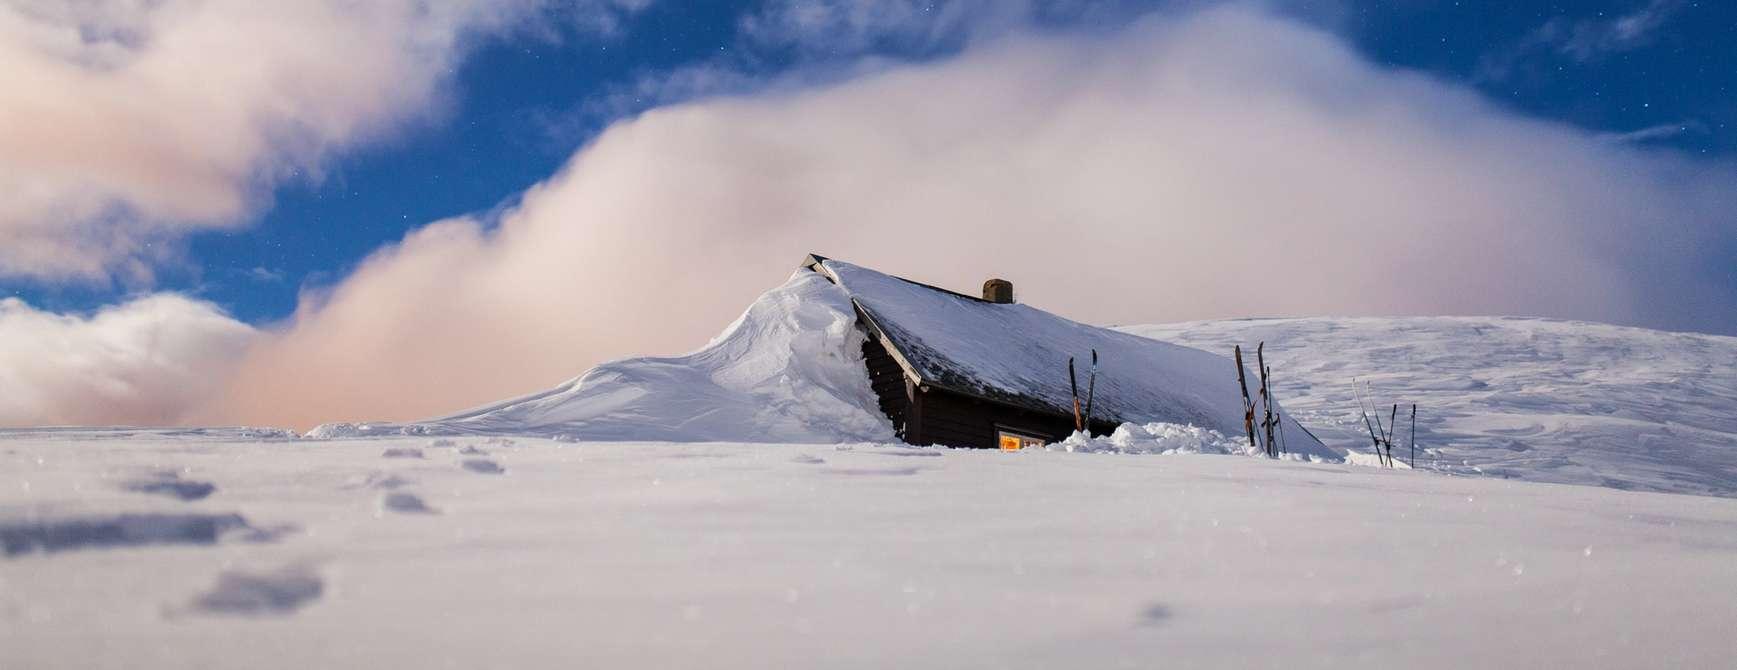 Foto: visitfjordnorway.com / Tadas Dziautas